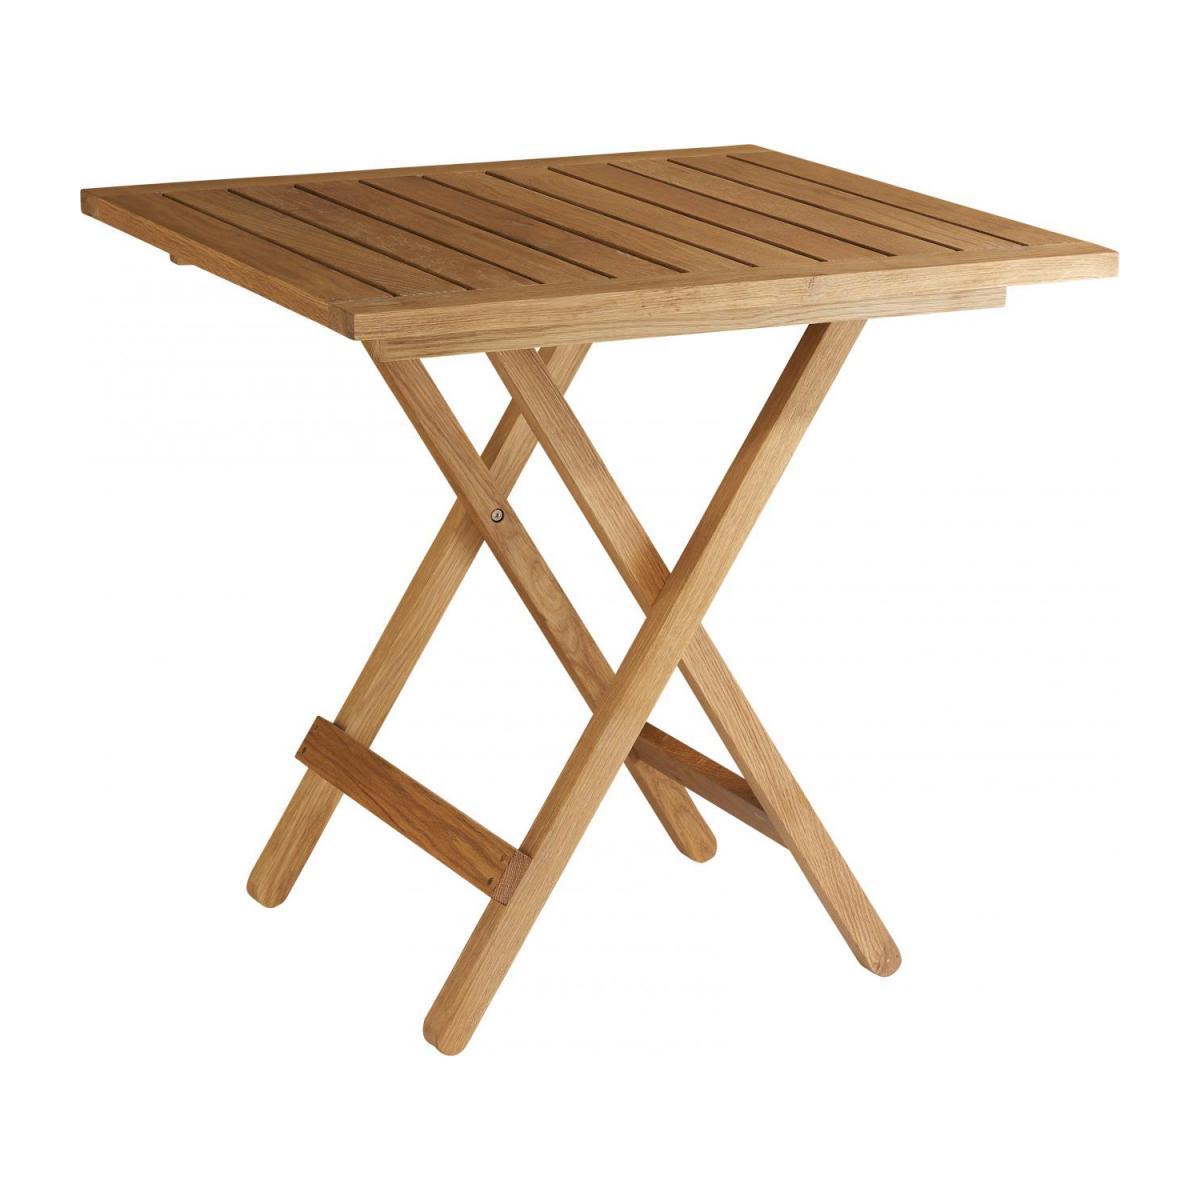 Table Pliante De Jardin En Chêne Massif Huilé - 76 X 76 Cm à Table De Jardin Pliante